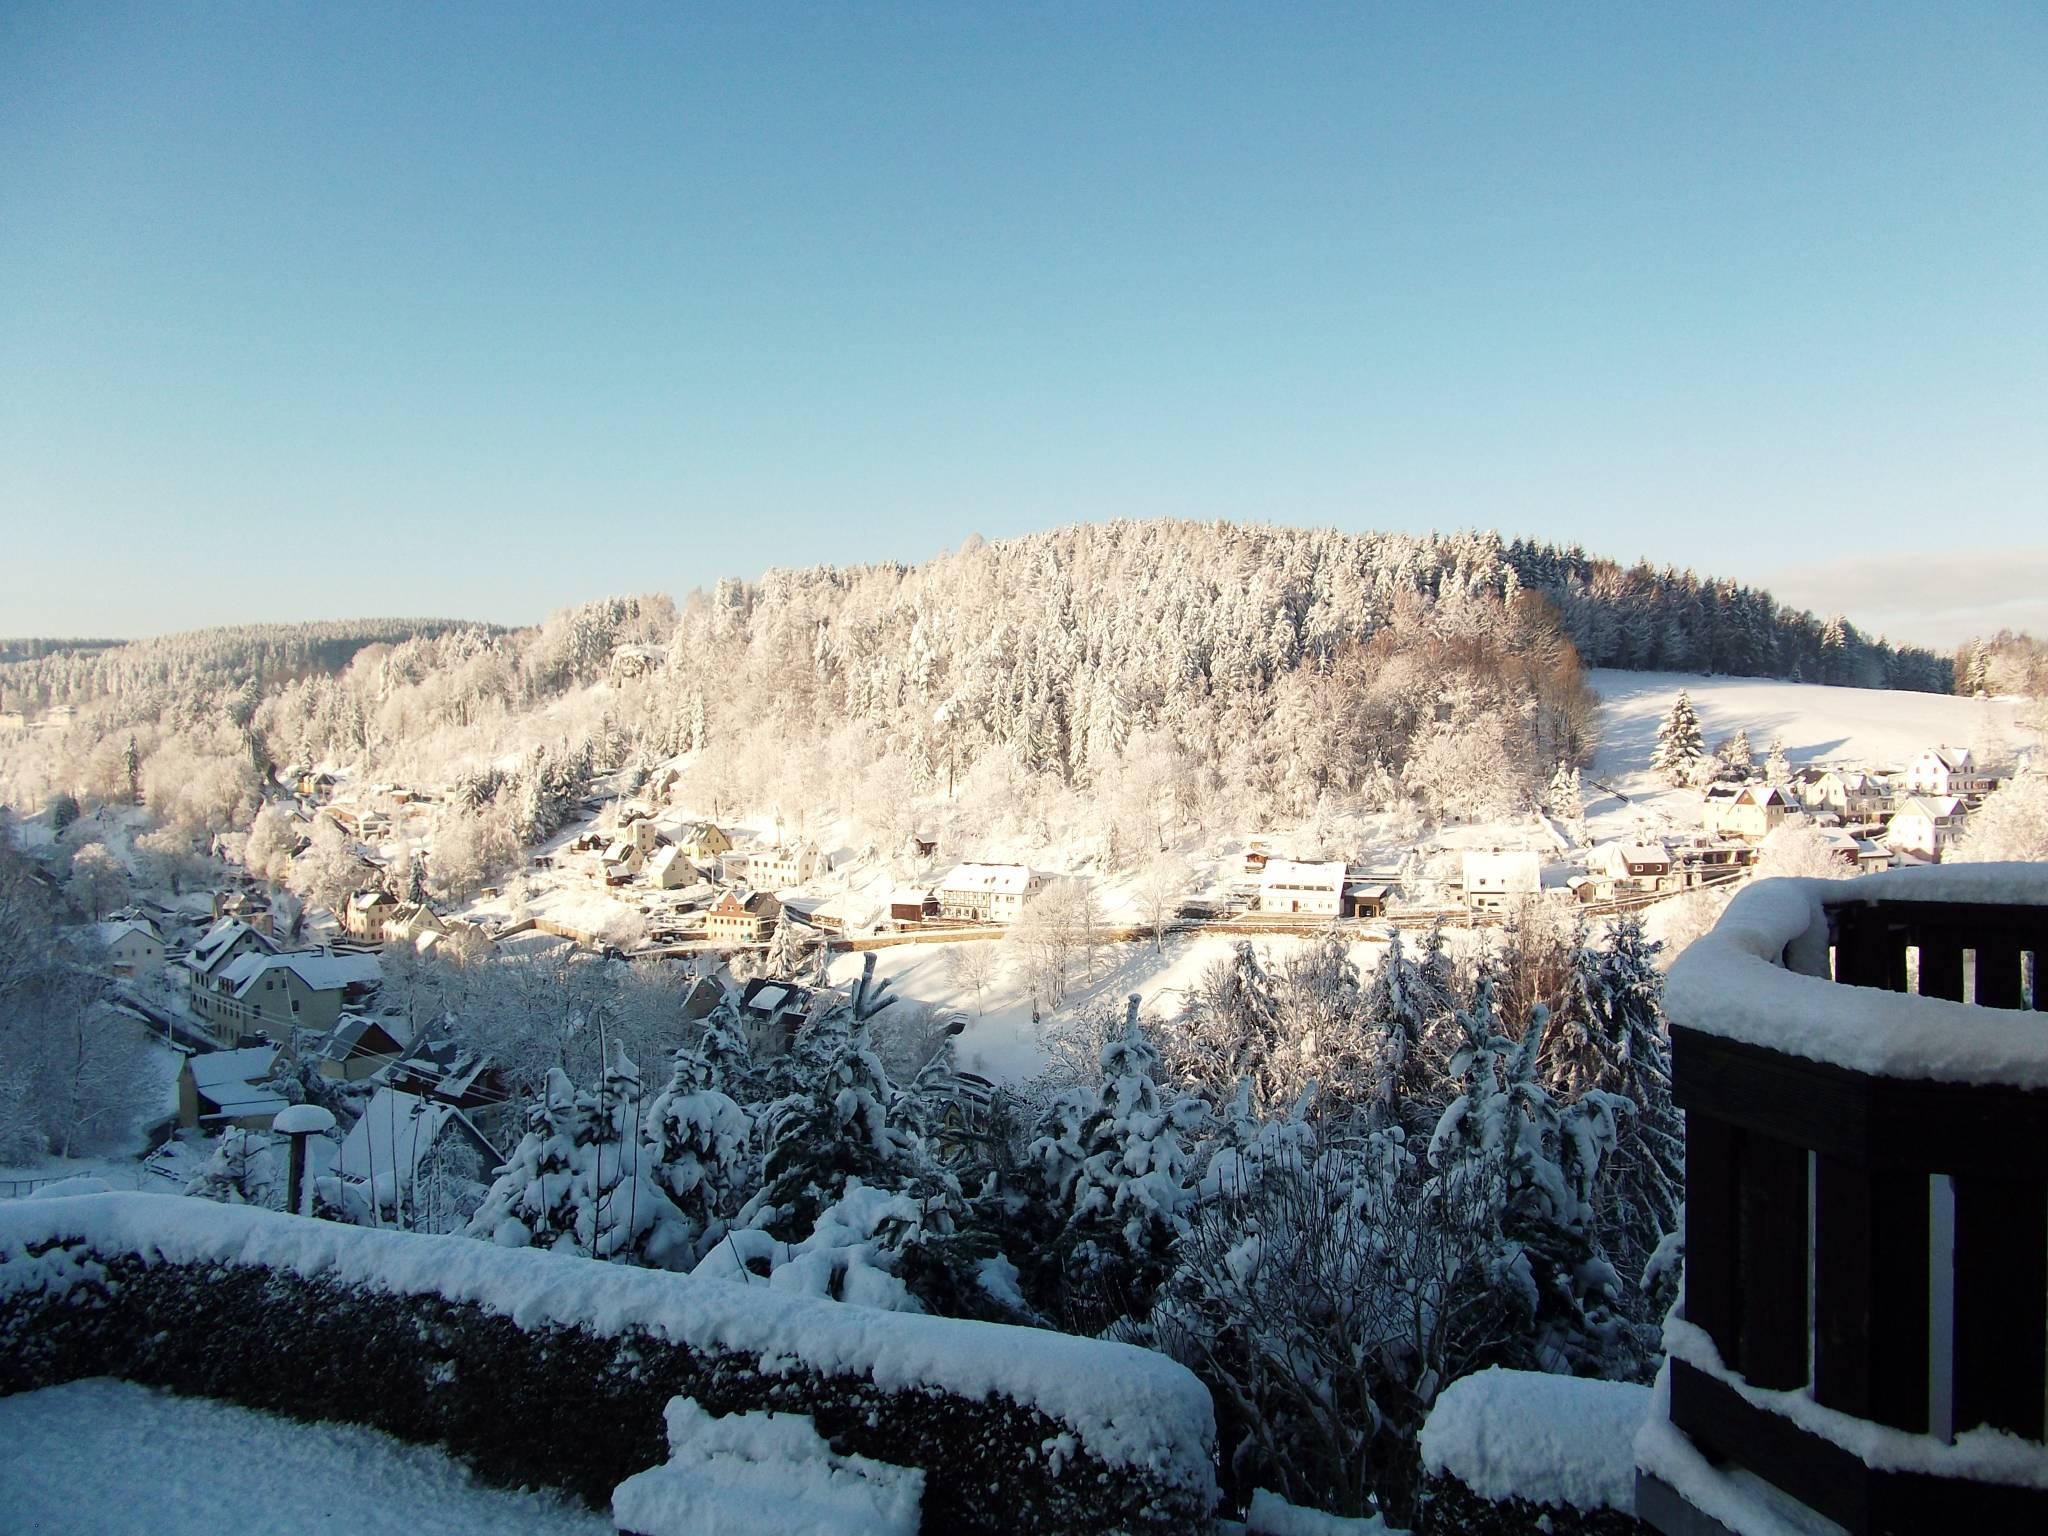 Winter im schönen Erzgebirge